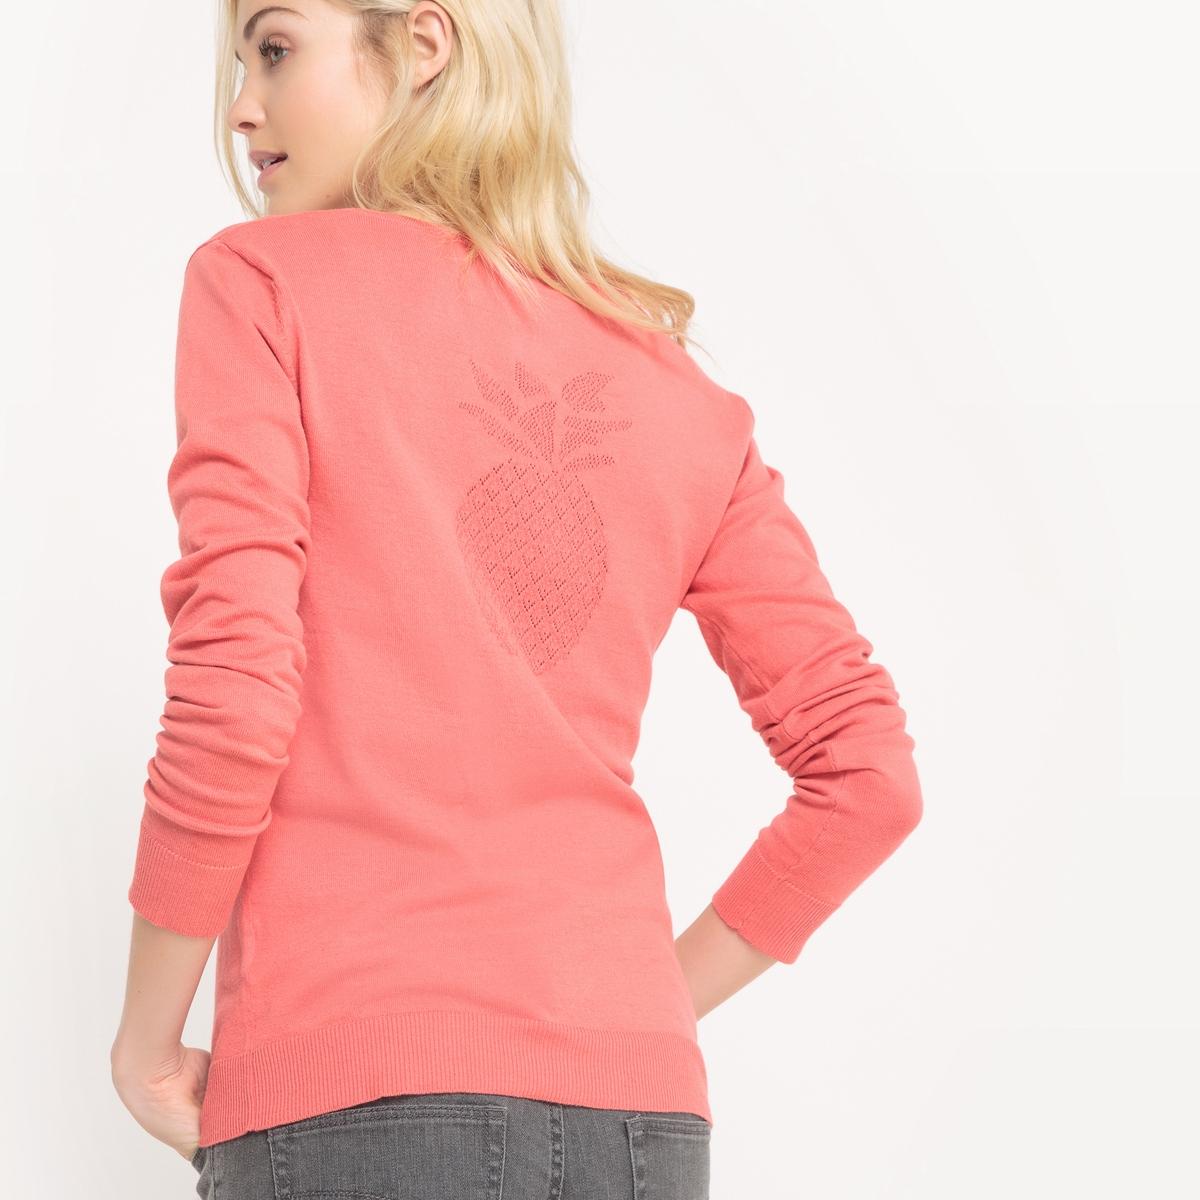 Camisola com decote tunisino, algodão